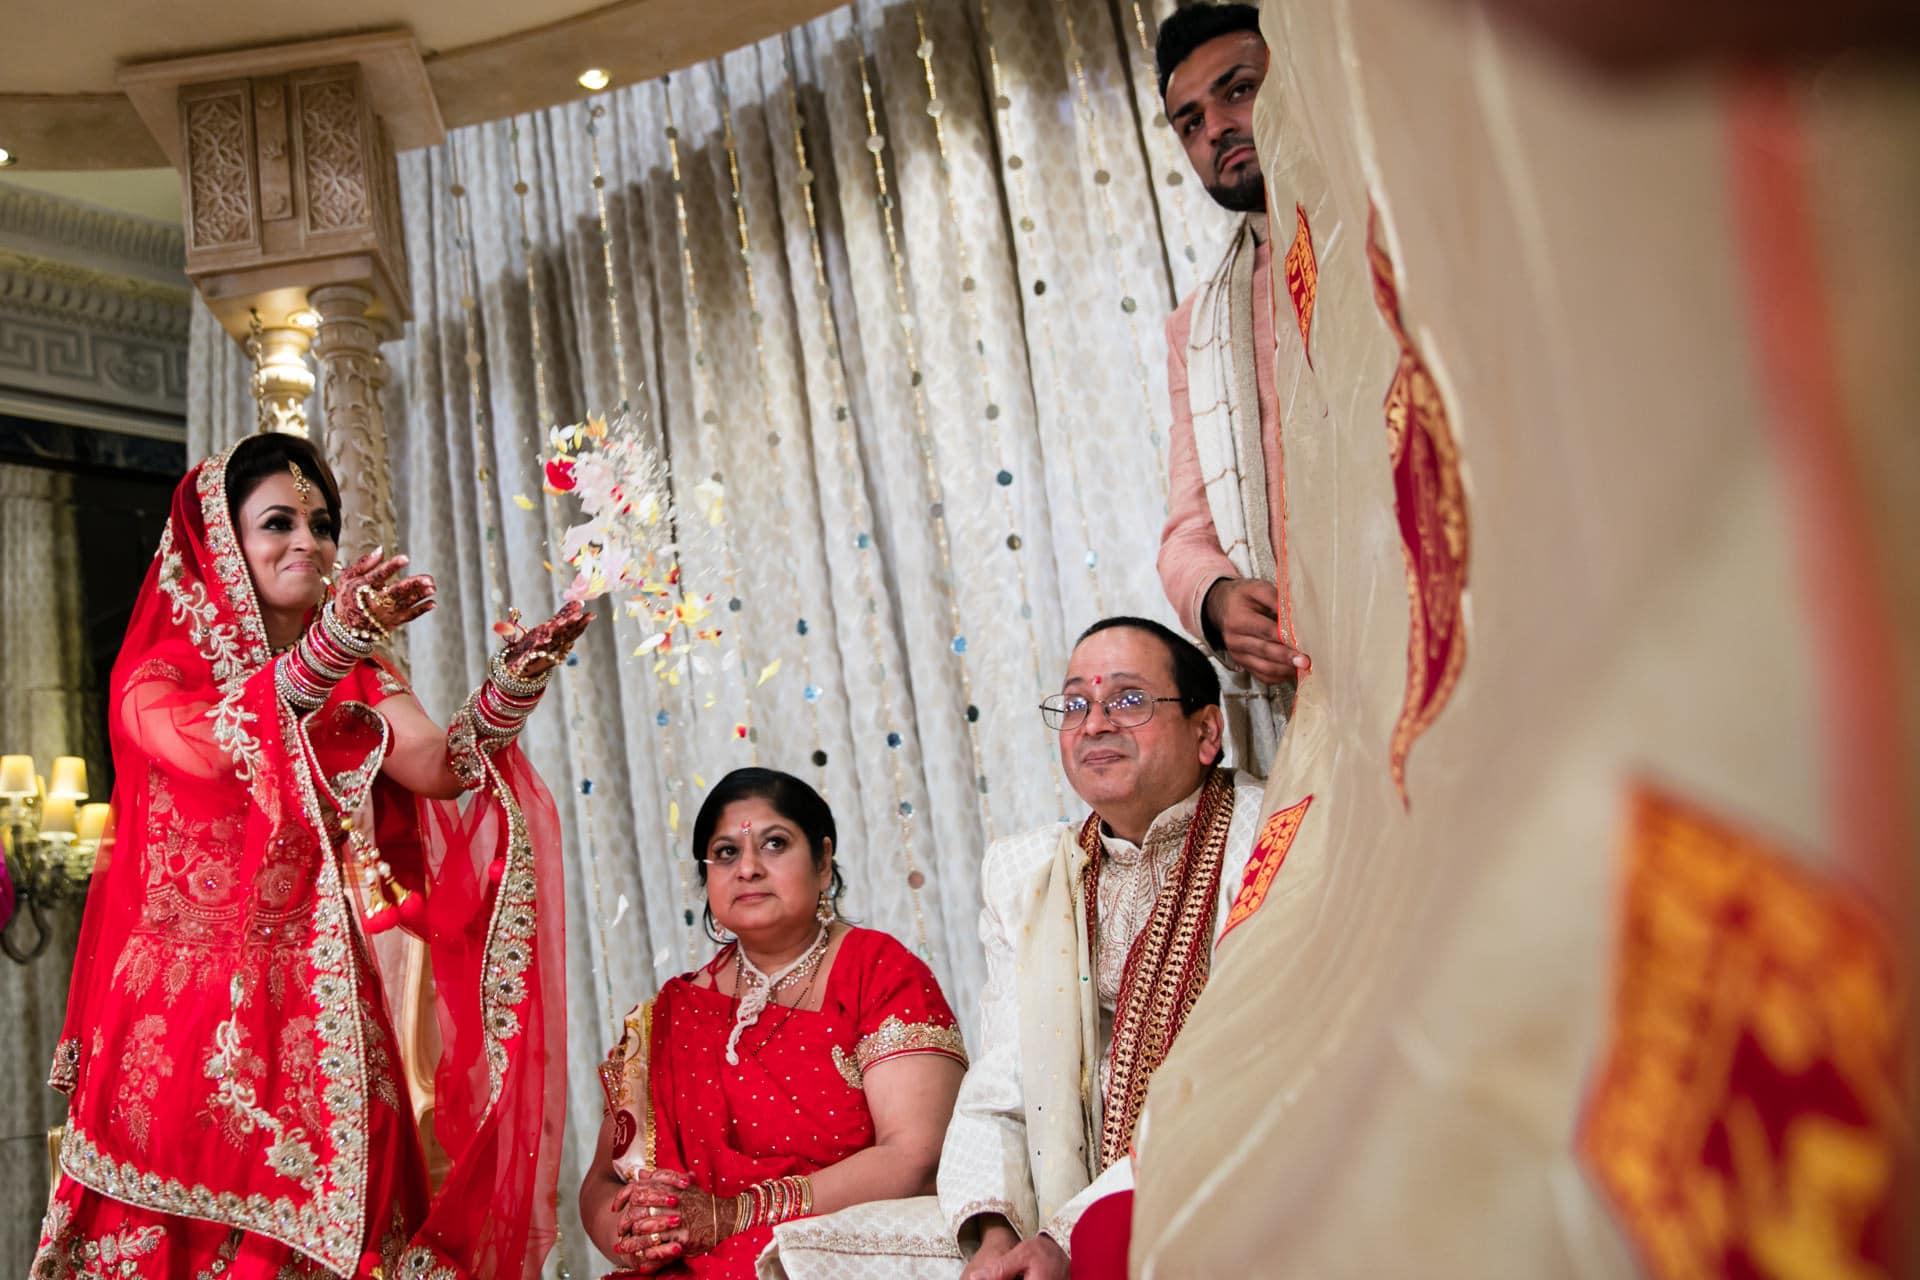 Bride throwing flowers towards the groom